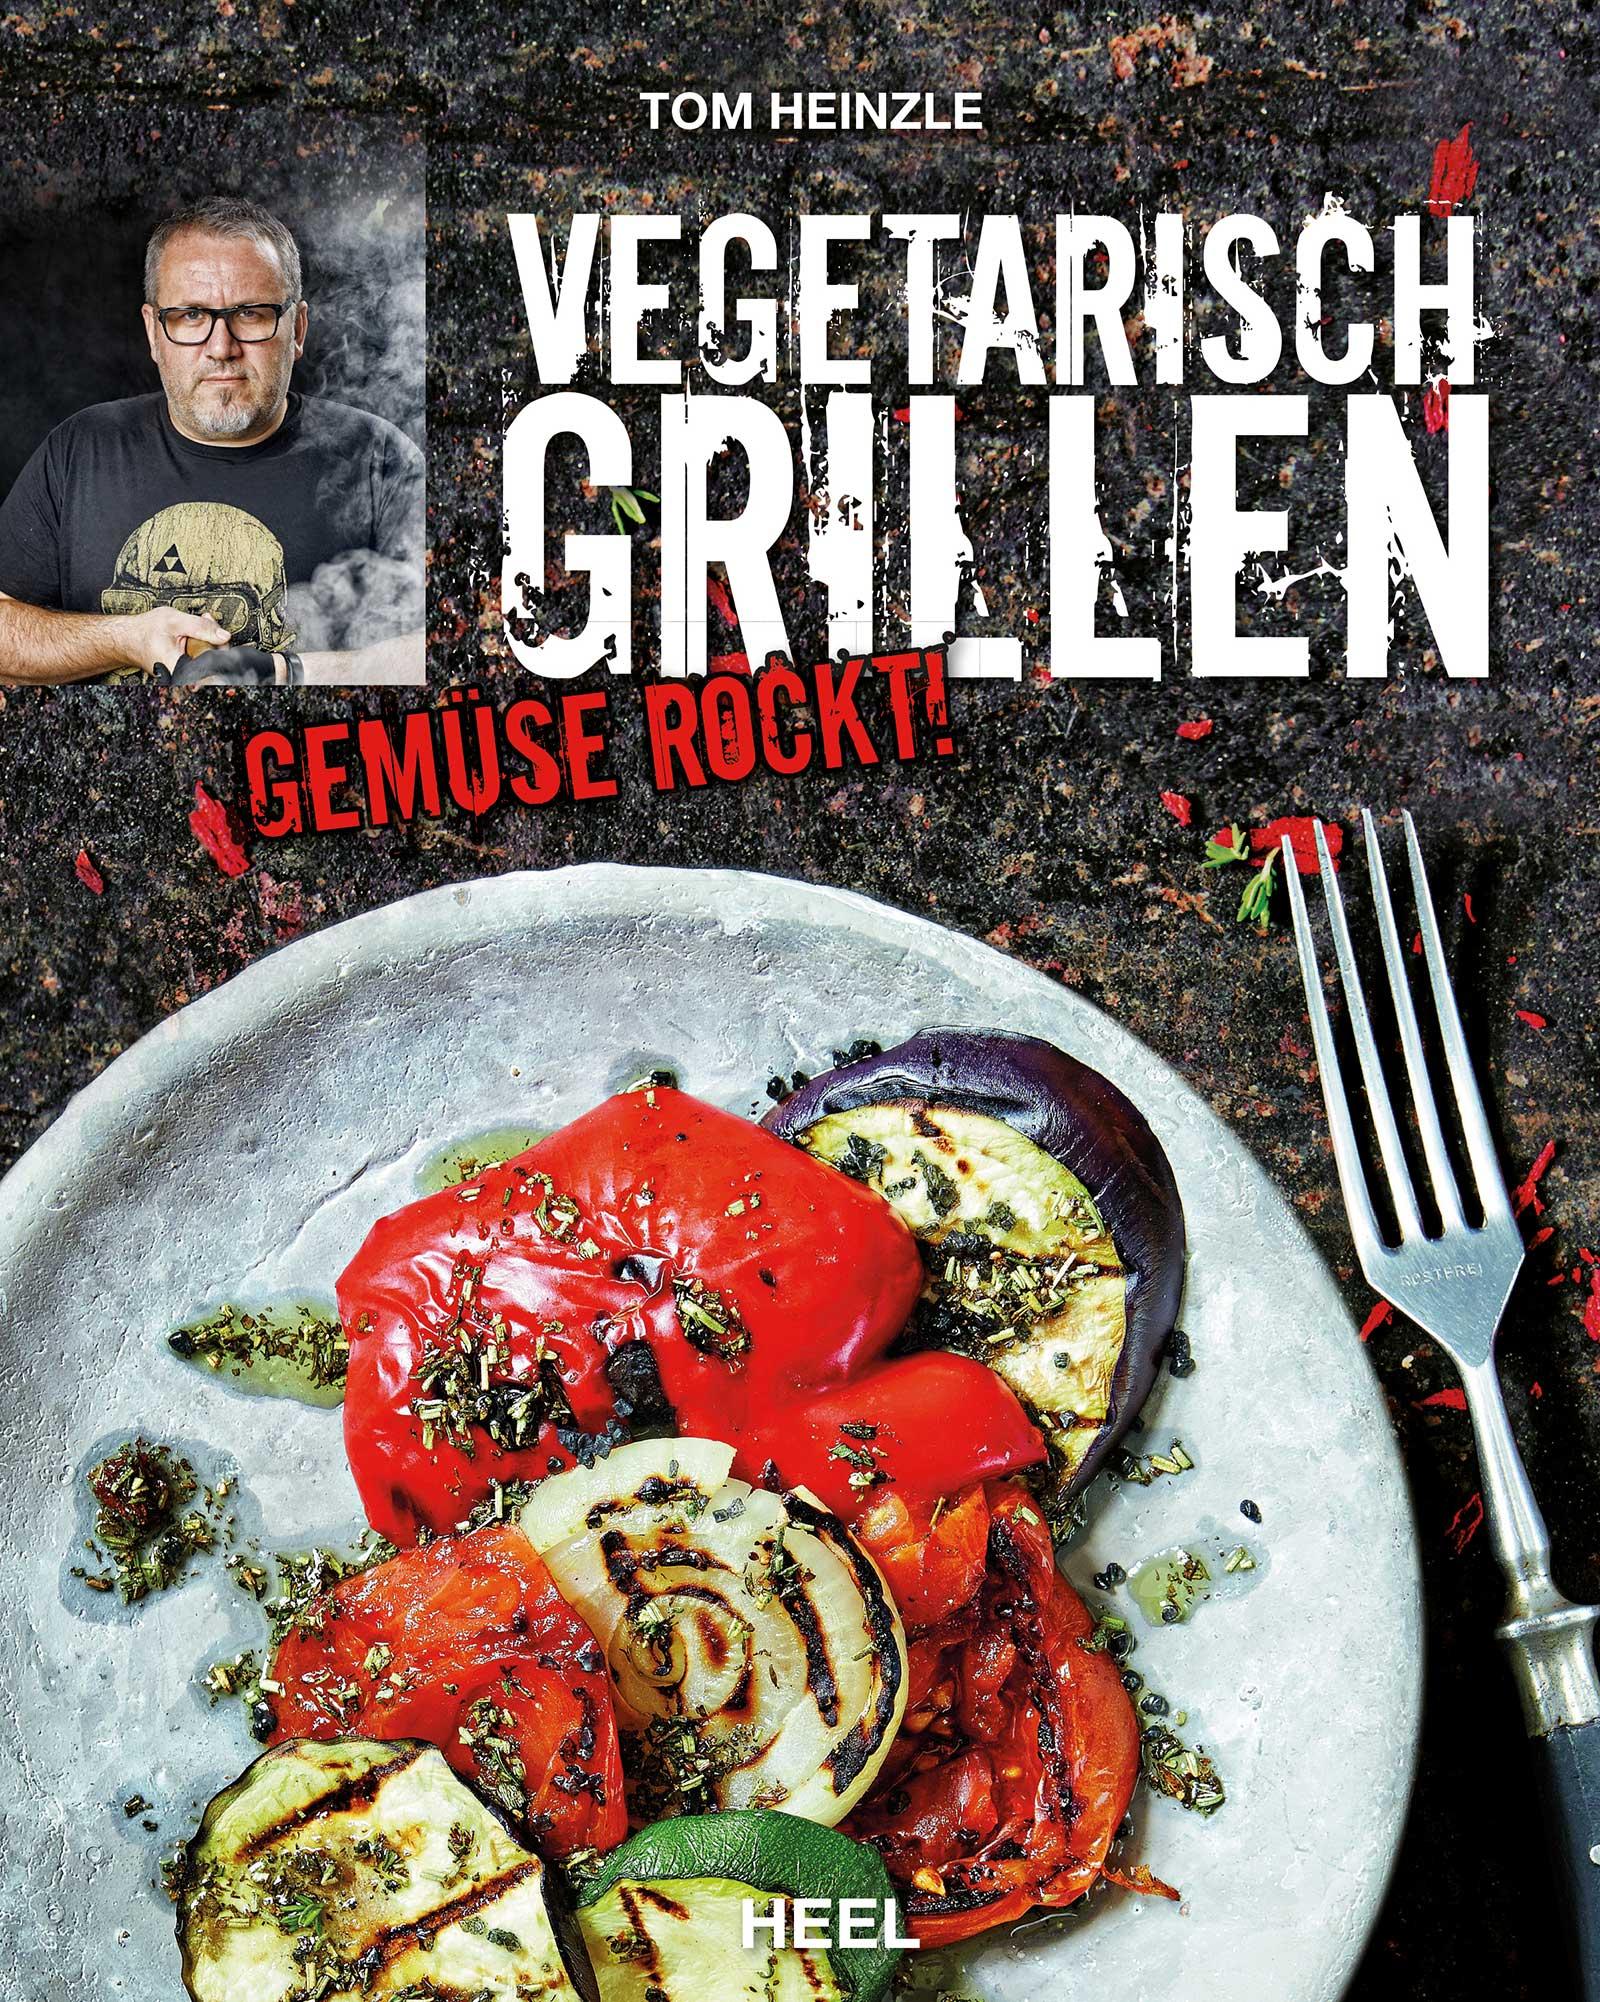 Vegetarisch Grillen: Gemüse rockt! - Tom Heinzle